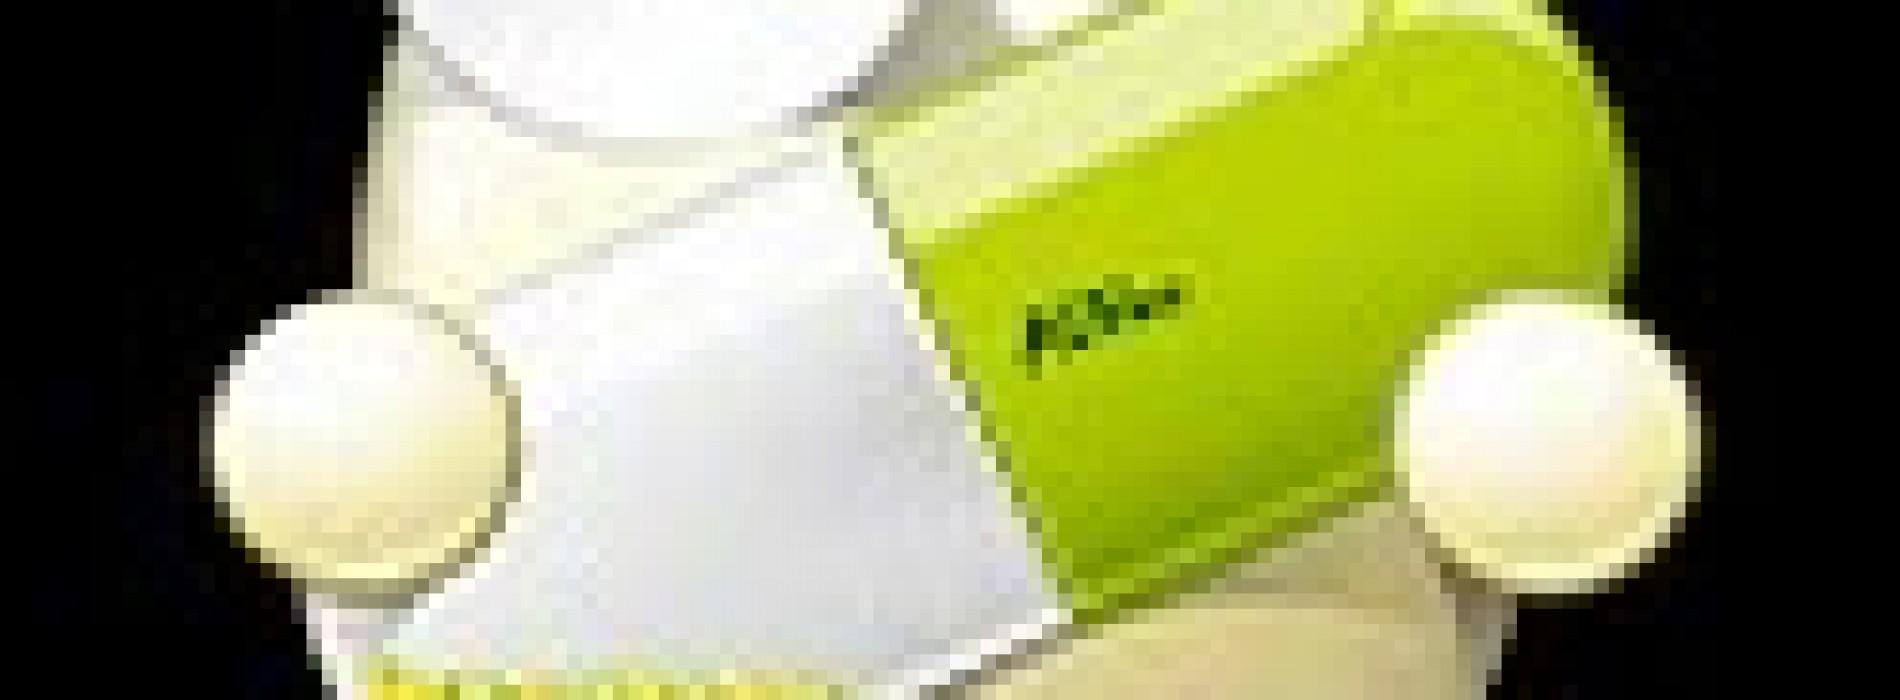 برنامج حماية للاندرويد 3 || ALYac Android